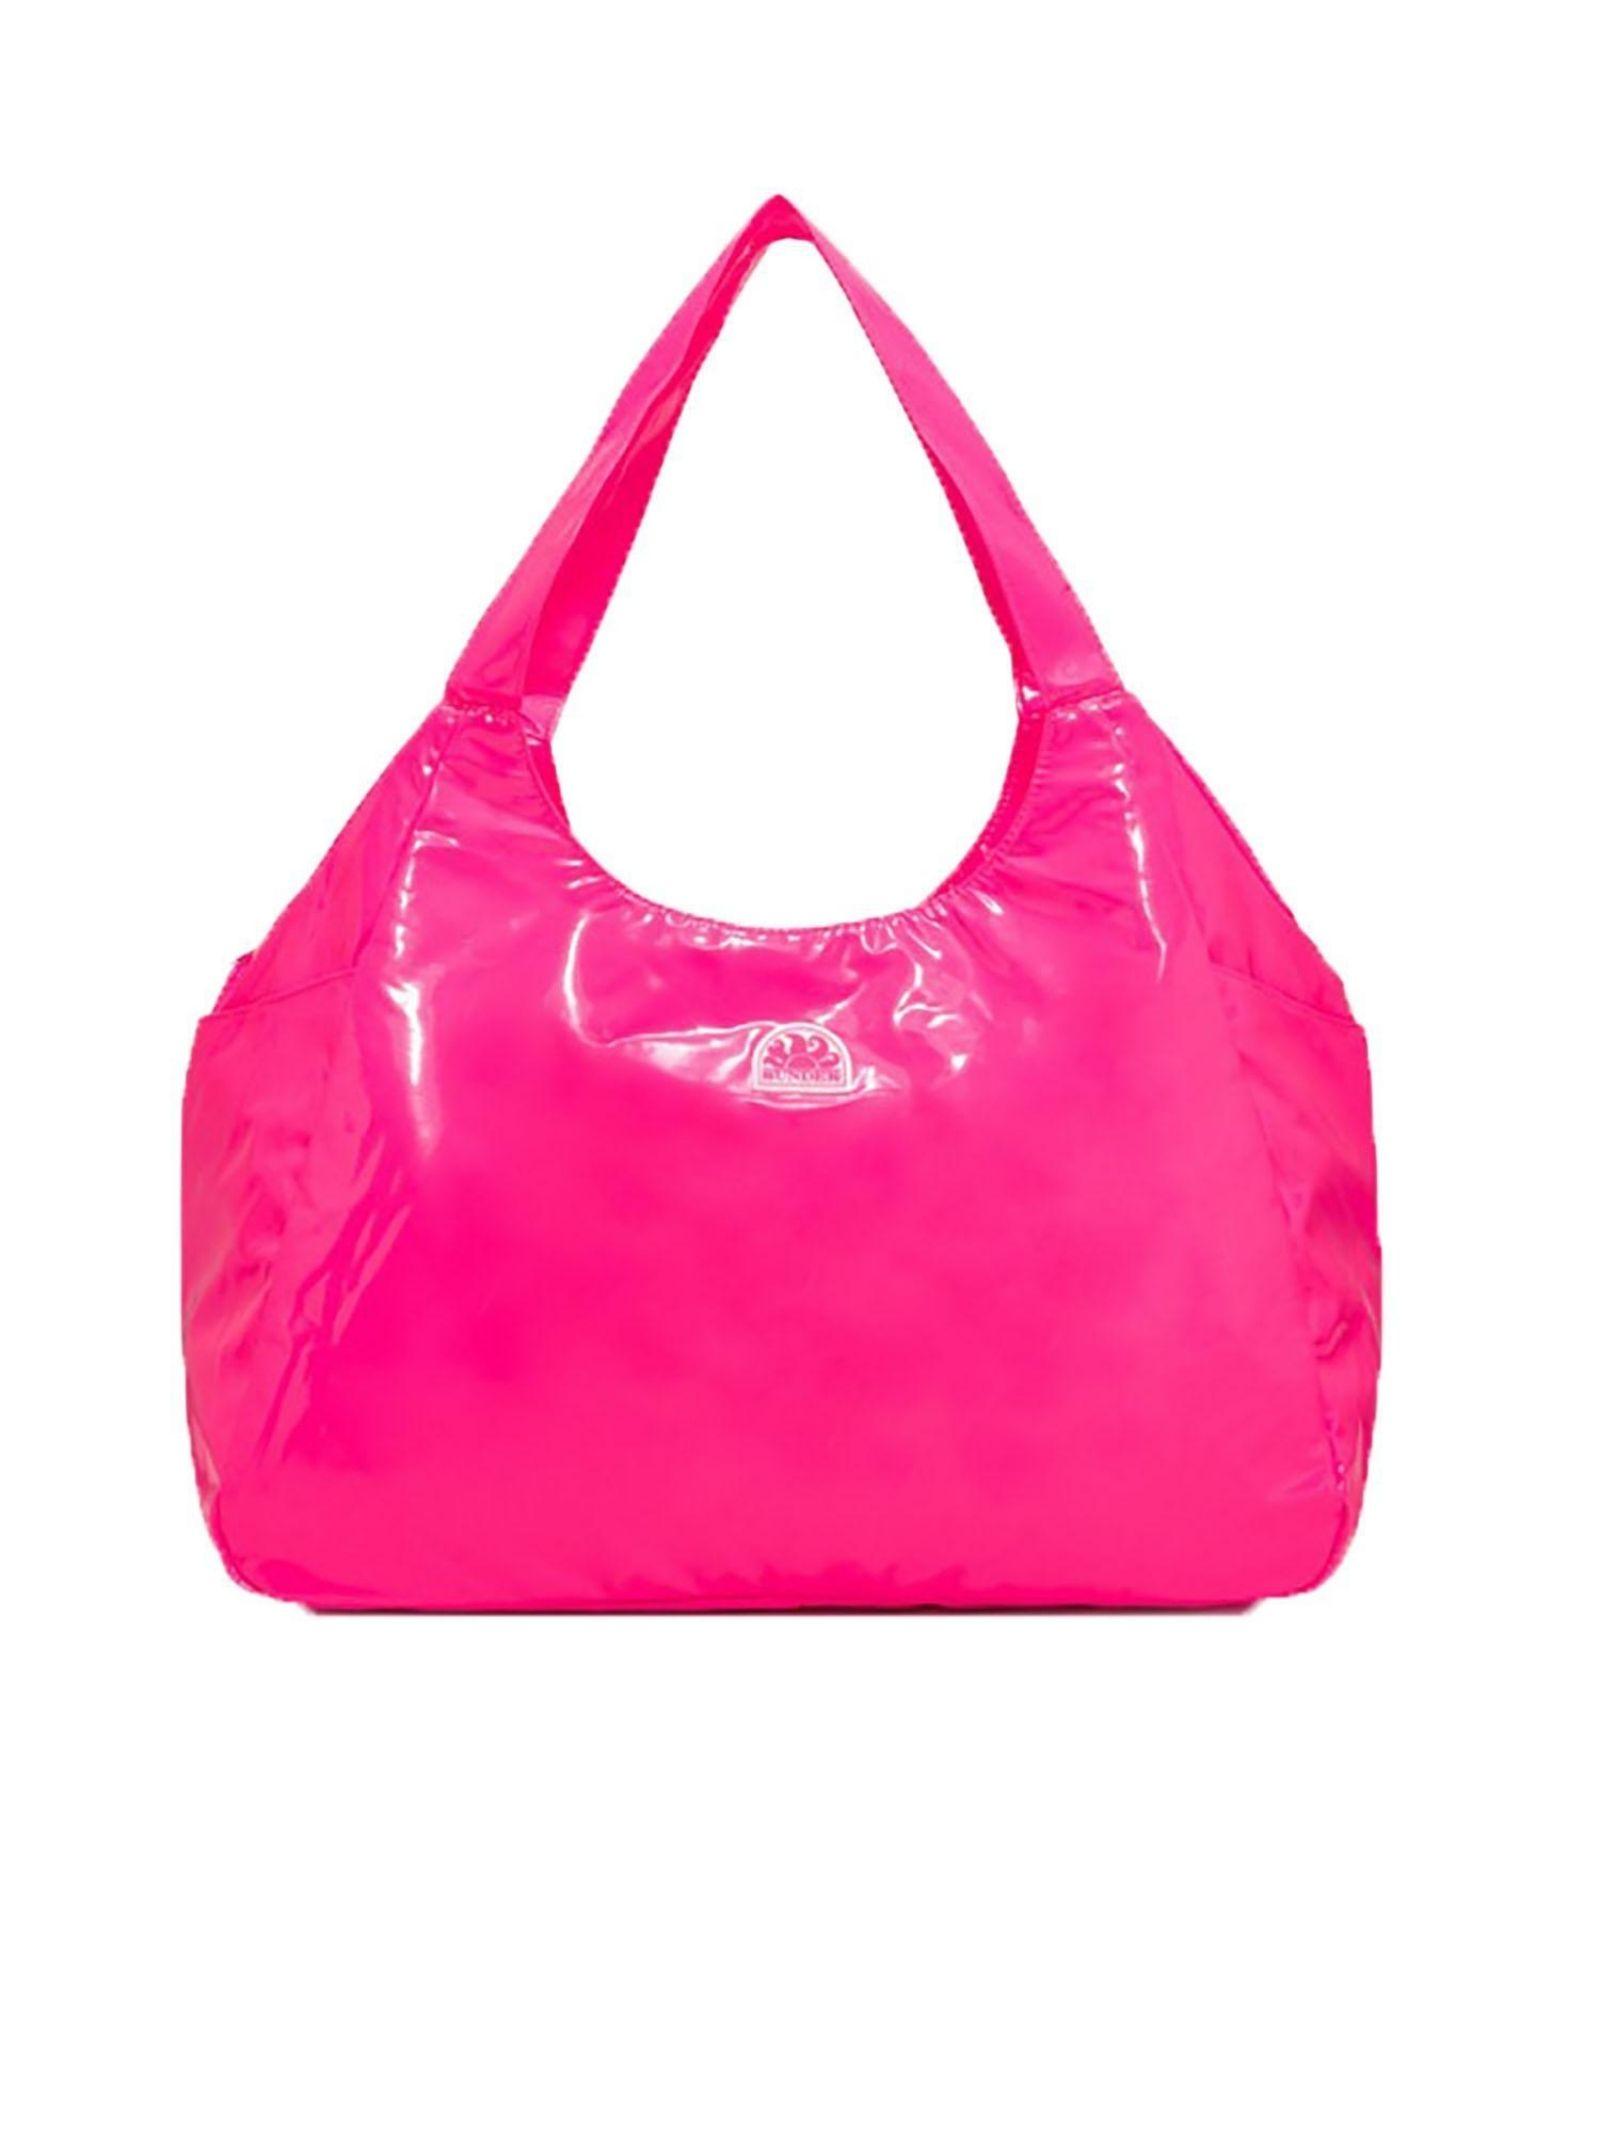 SUNDEK   Chel-bag   AW304ABP1200693